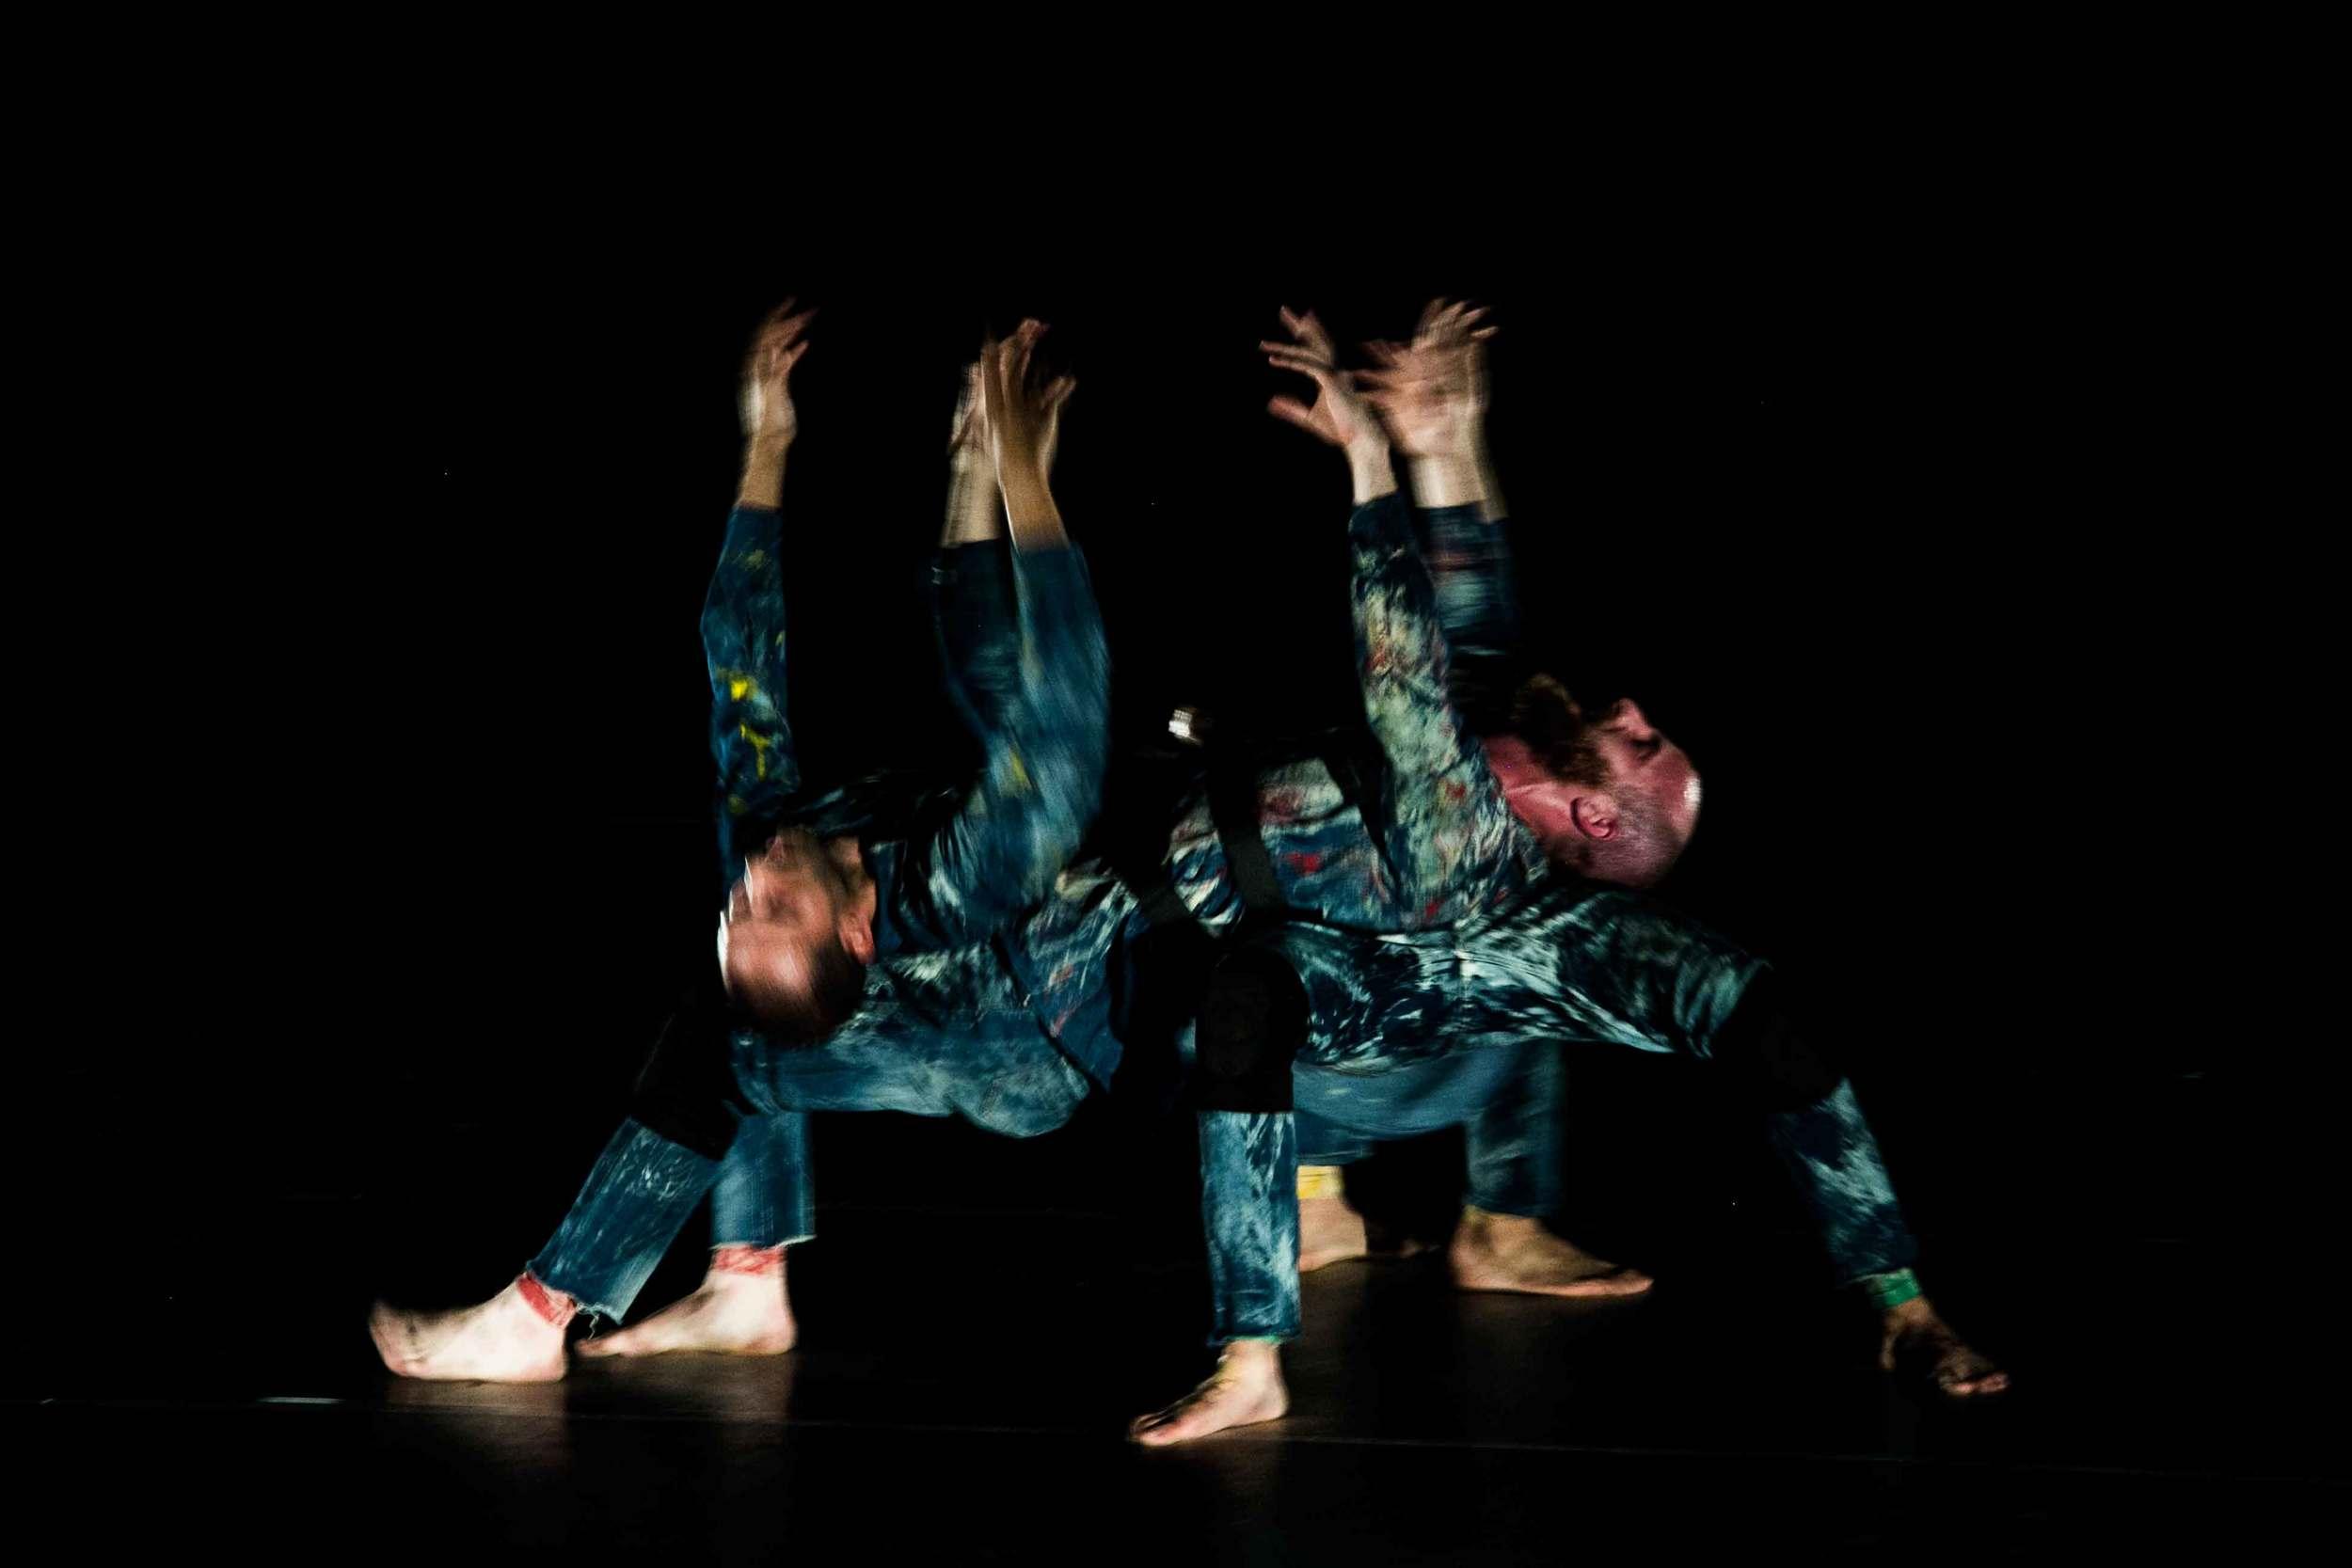 Soldier Dance